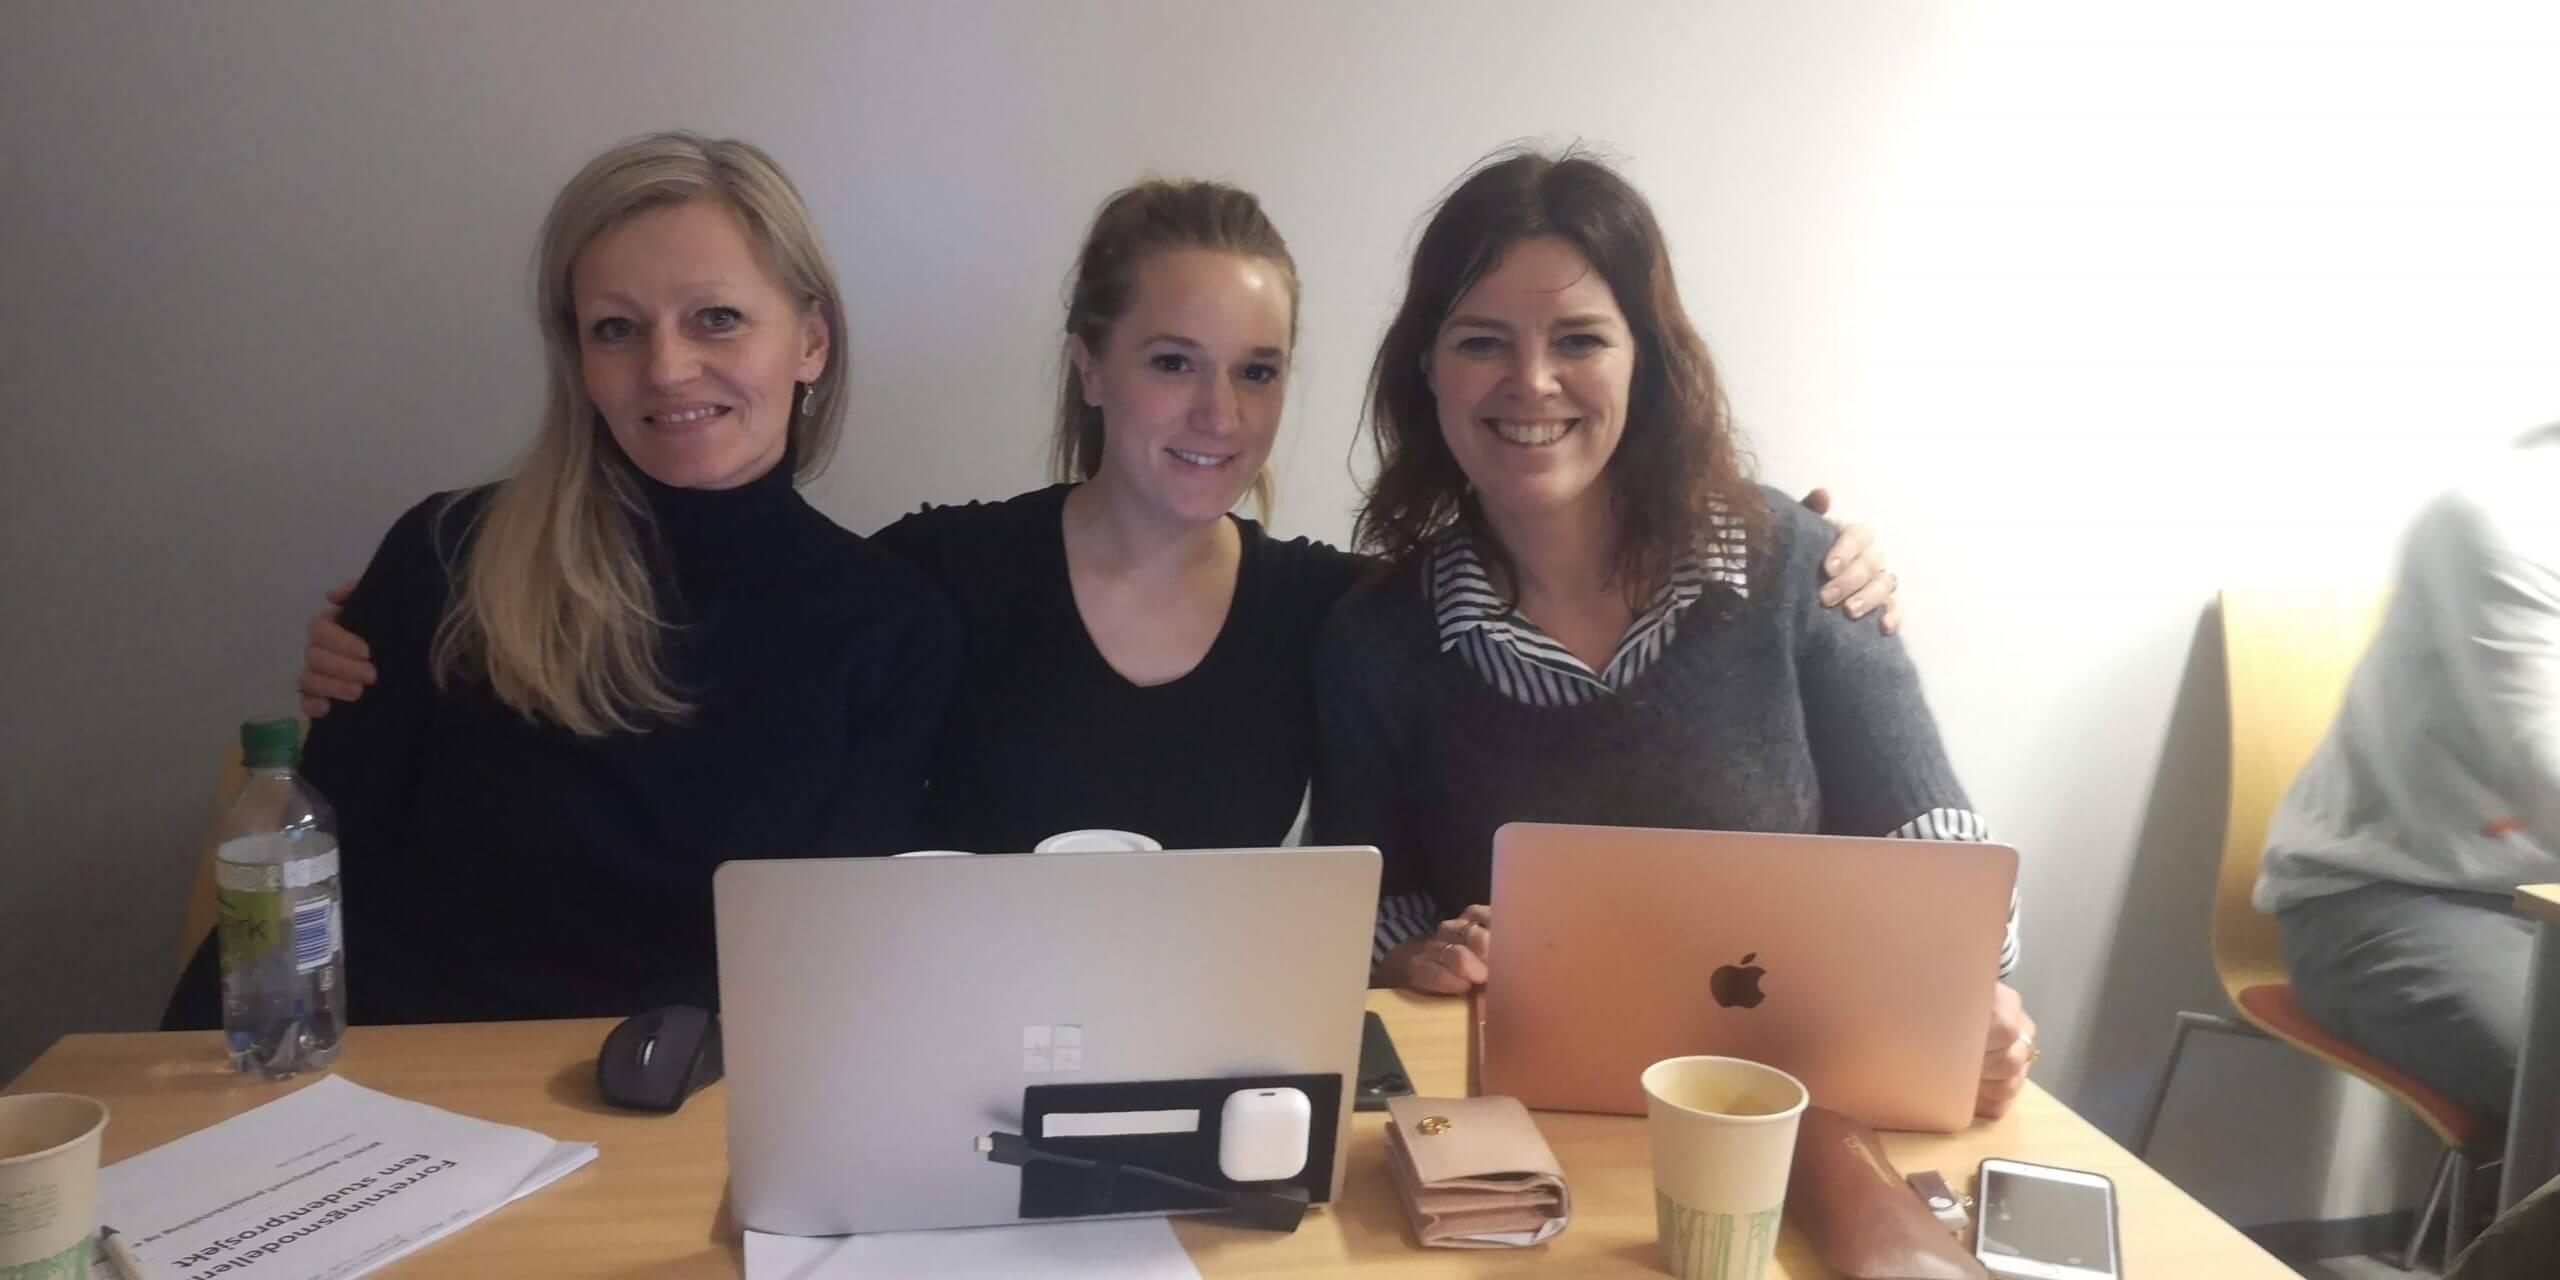 Fra venstre: Gry Isabel Sannes, Vibeke Bjaanes og Hilde Garlid. Foto: Live Kolstad Kvalsvik.